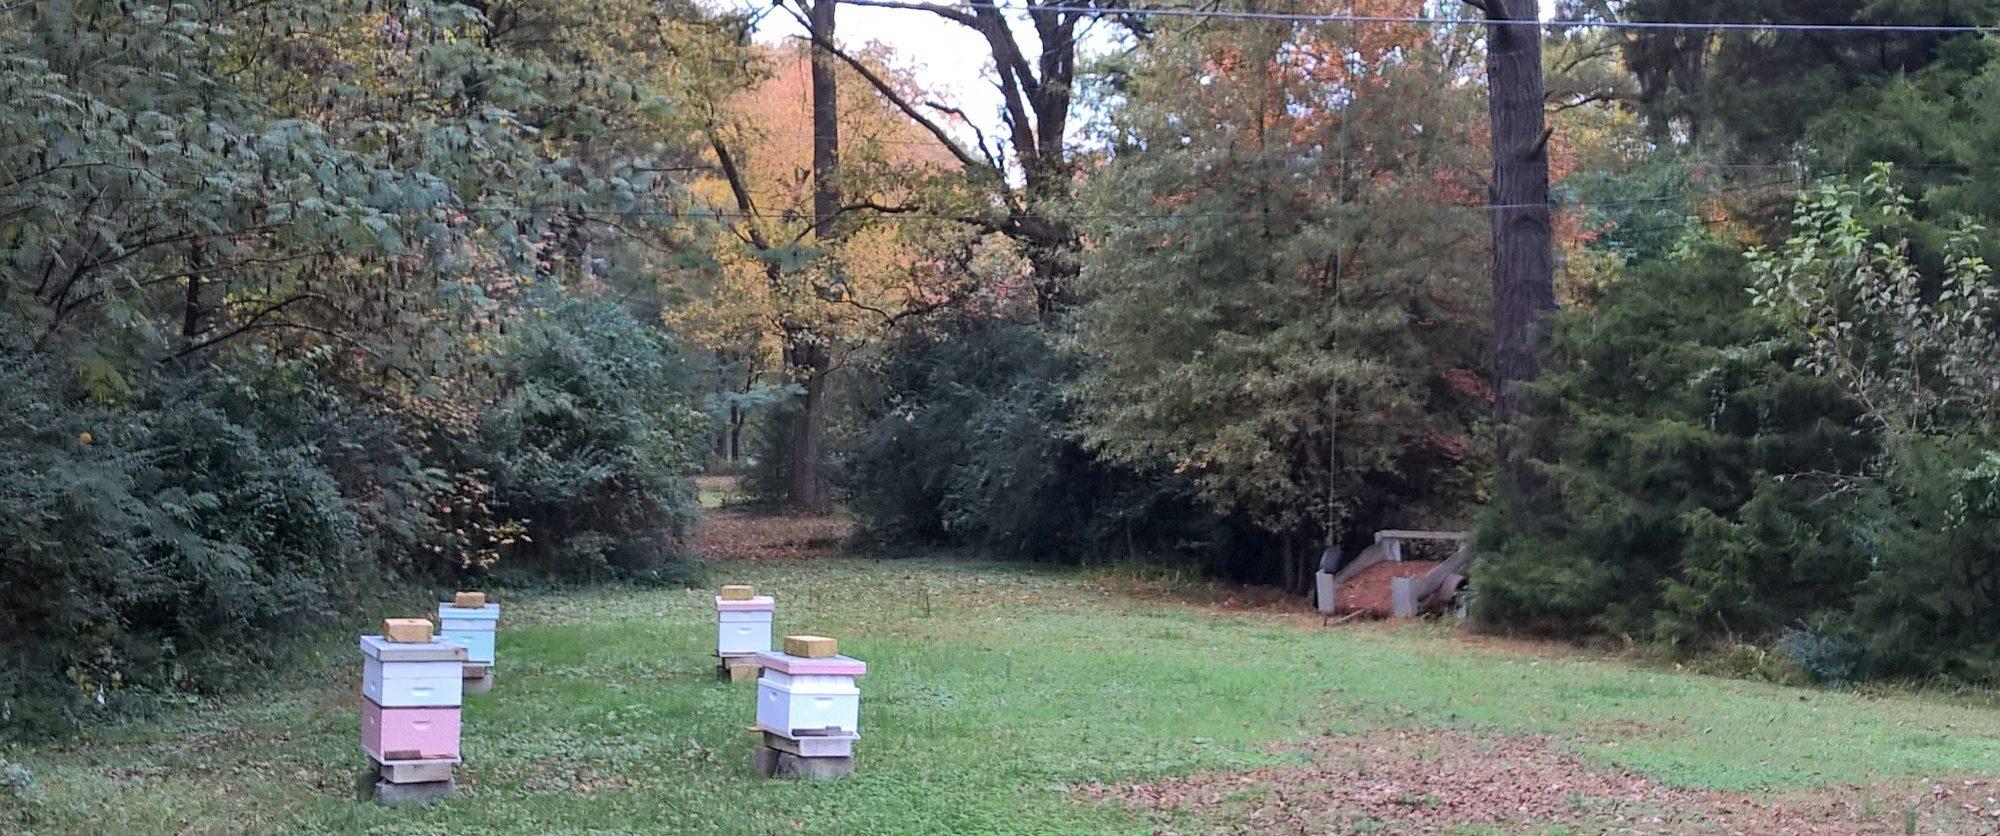 Ashland Beekeepers Association